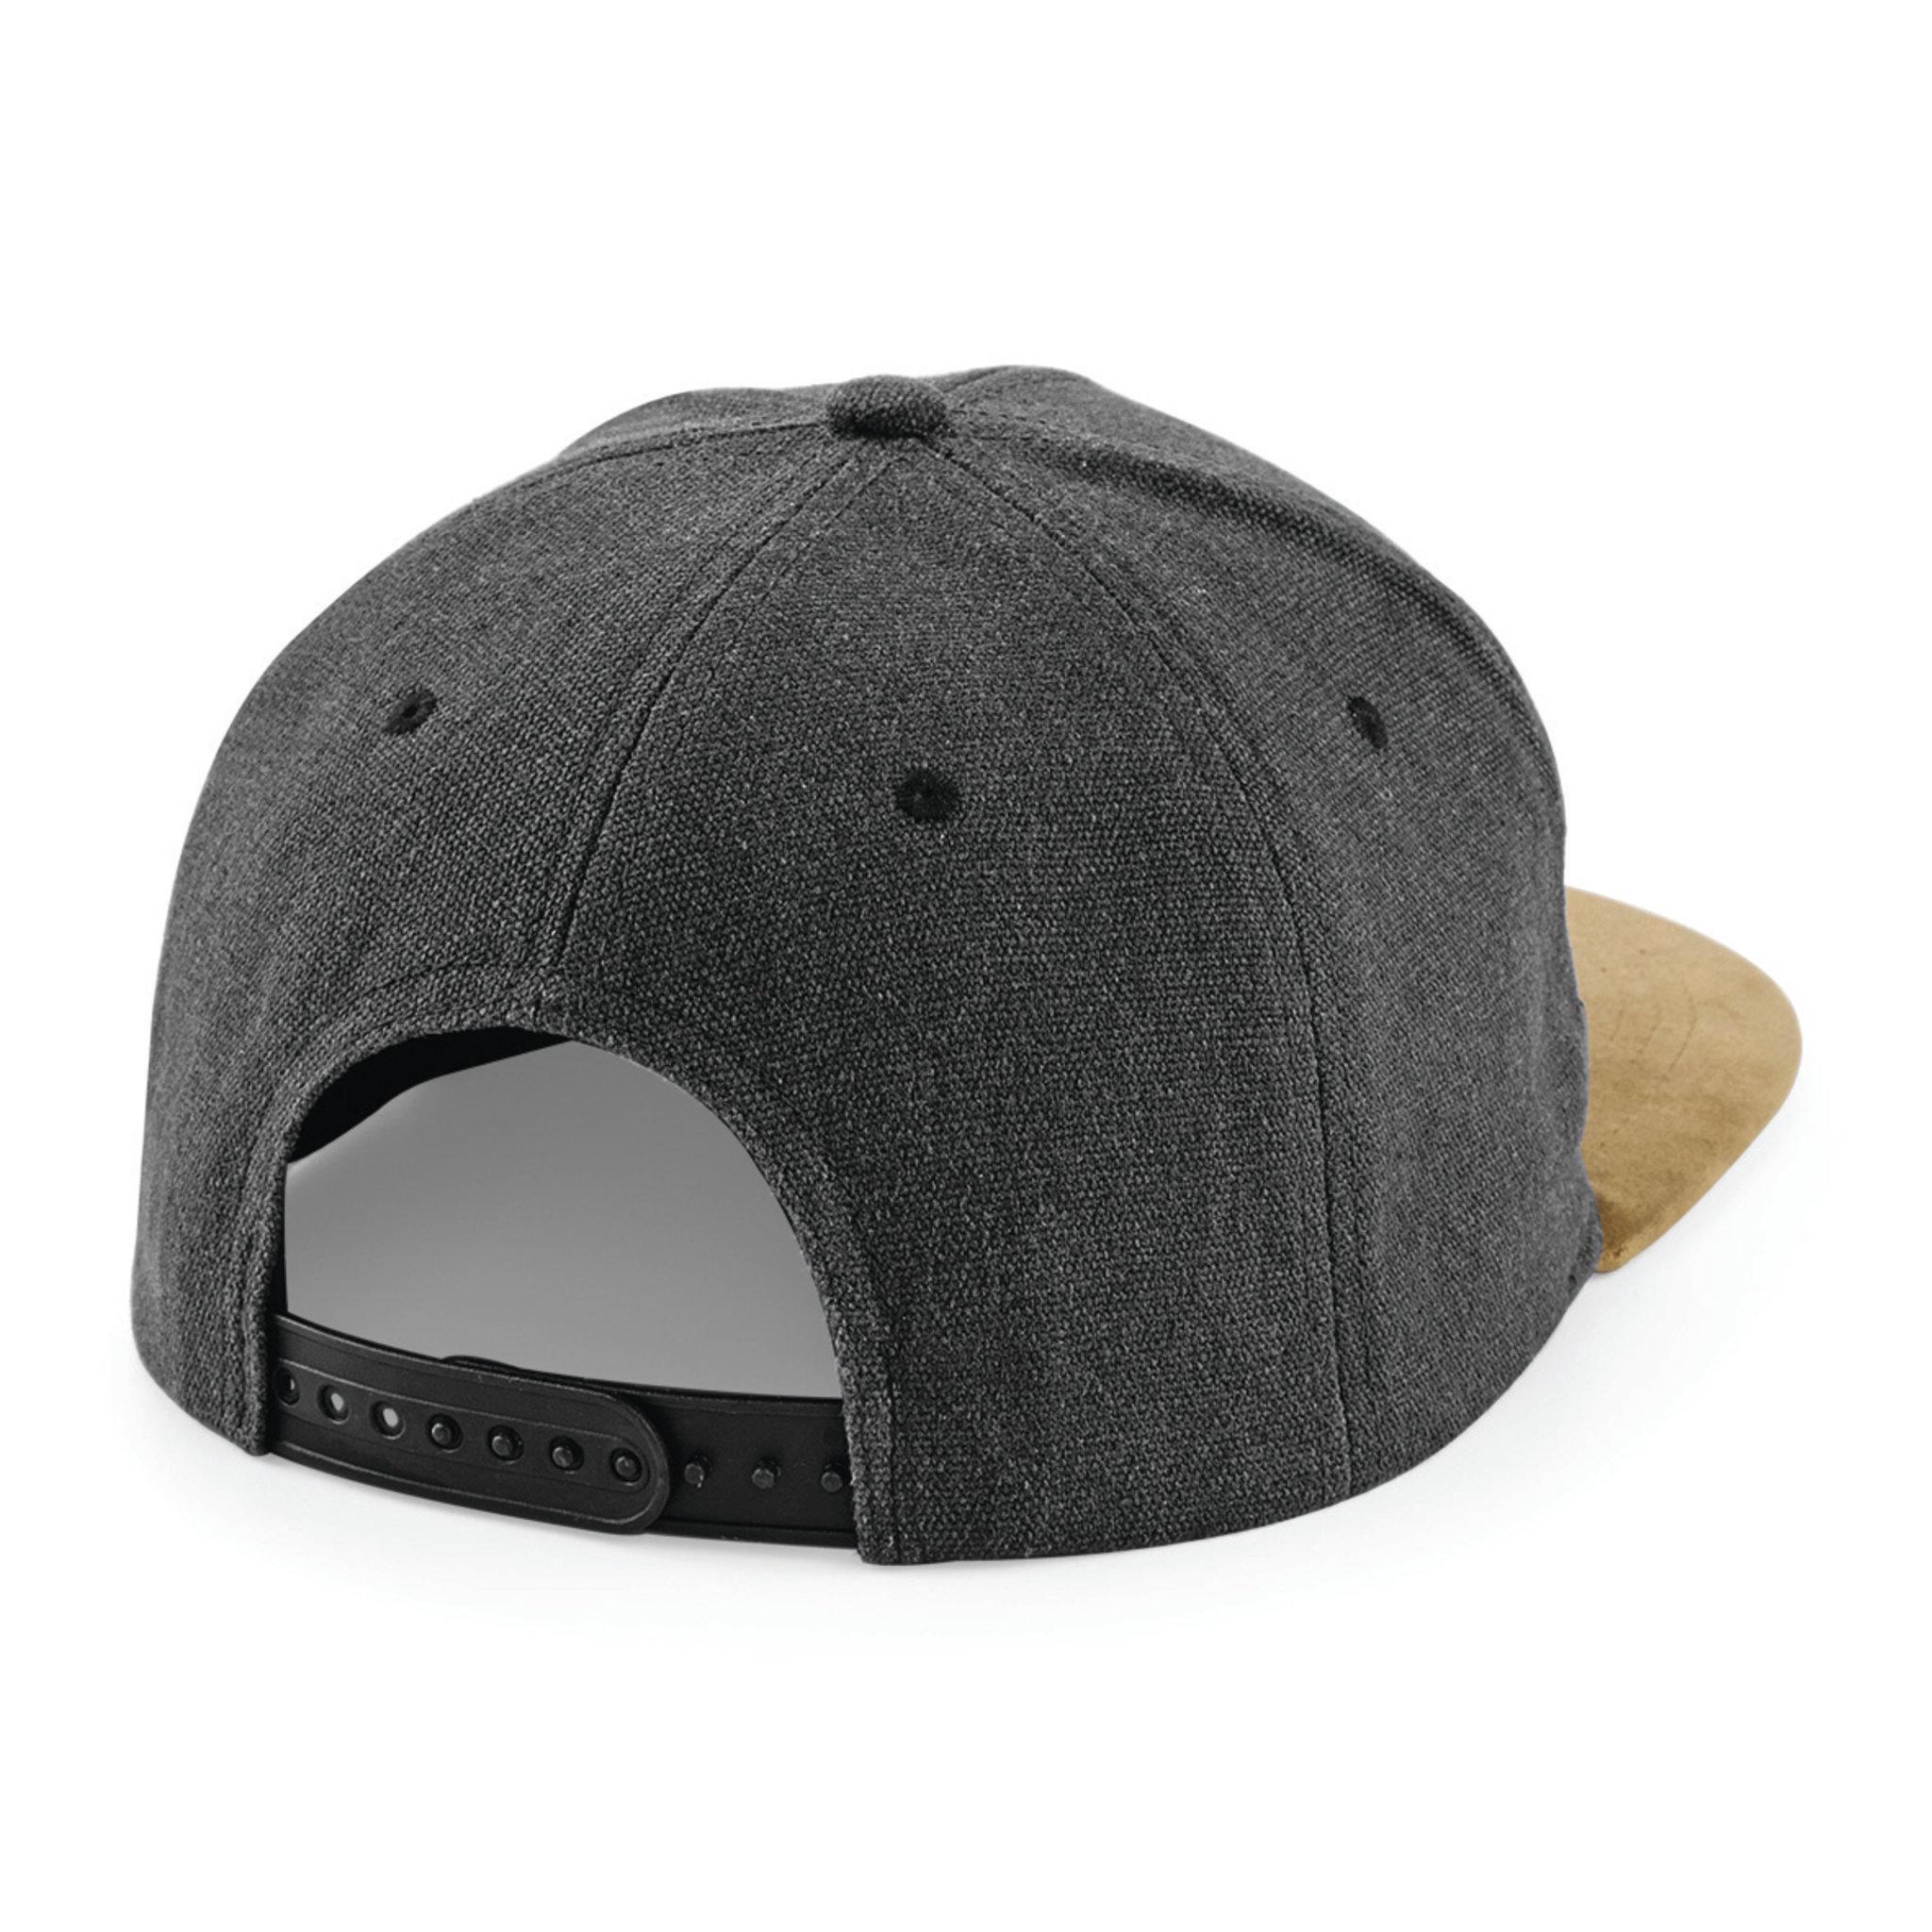 Casquette publicitaire Snapback - casquette personnalisable